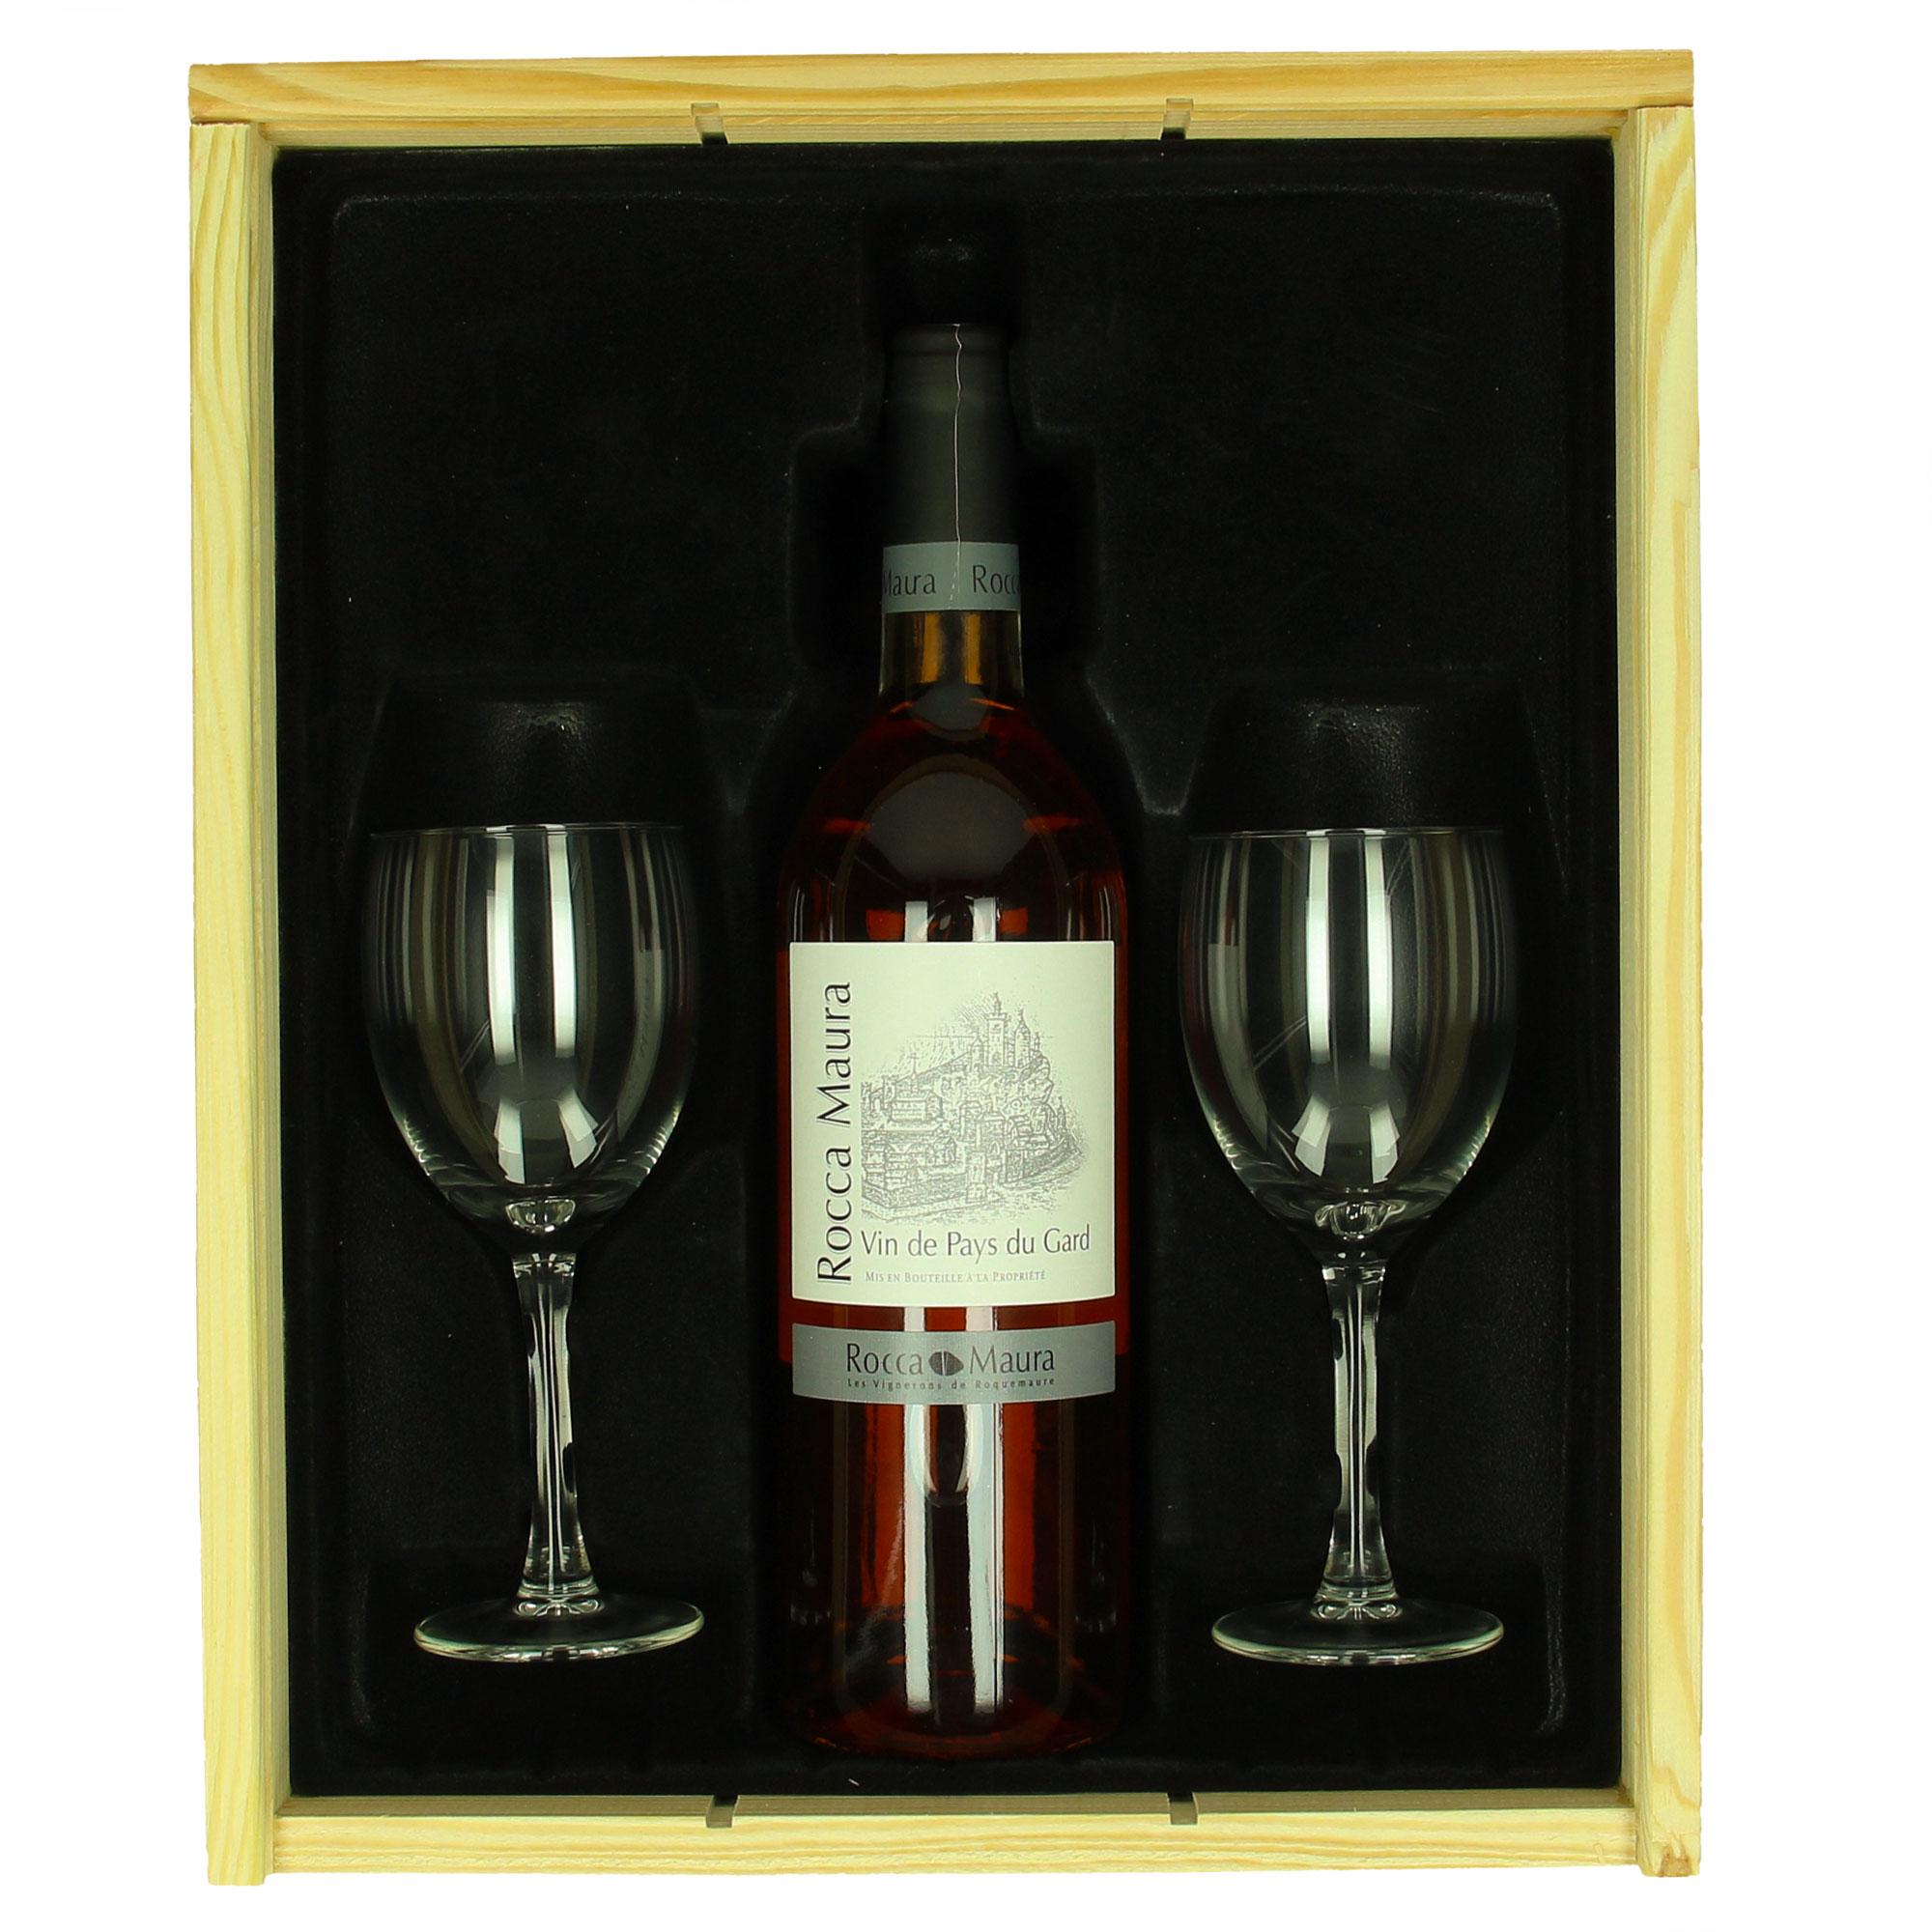 Wijnpakket Rocca Maura (rosé) +  gepersonaliseerde glazen